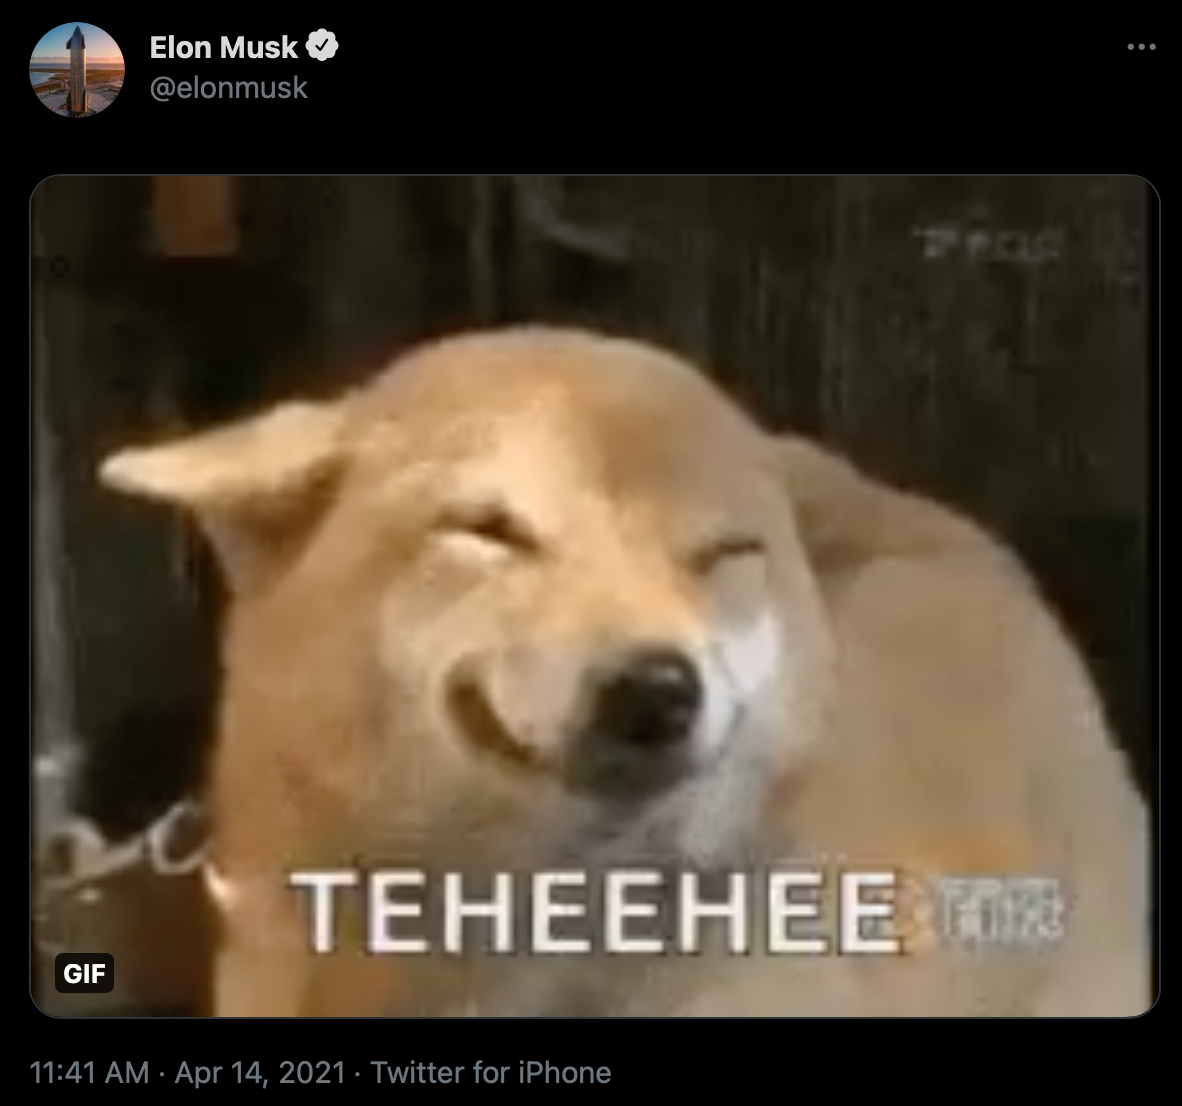 Elon Musk's Dogecoin Tweet